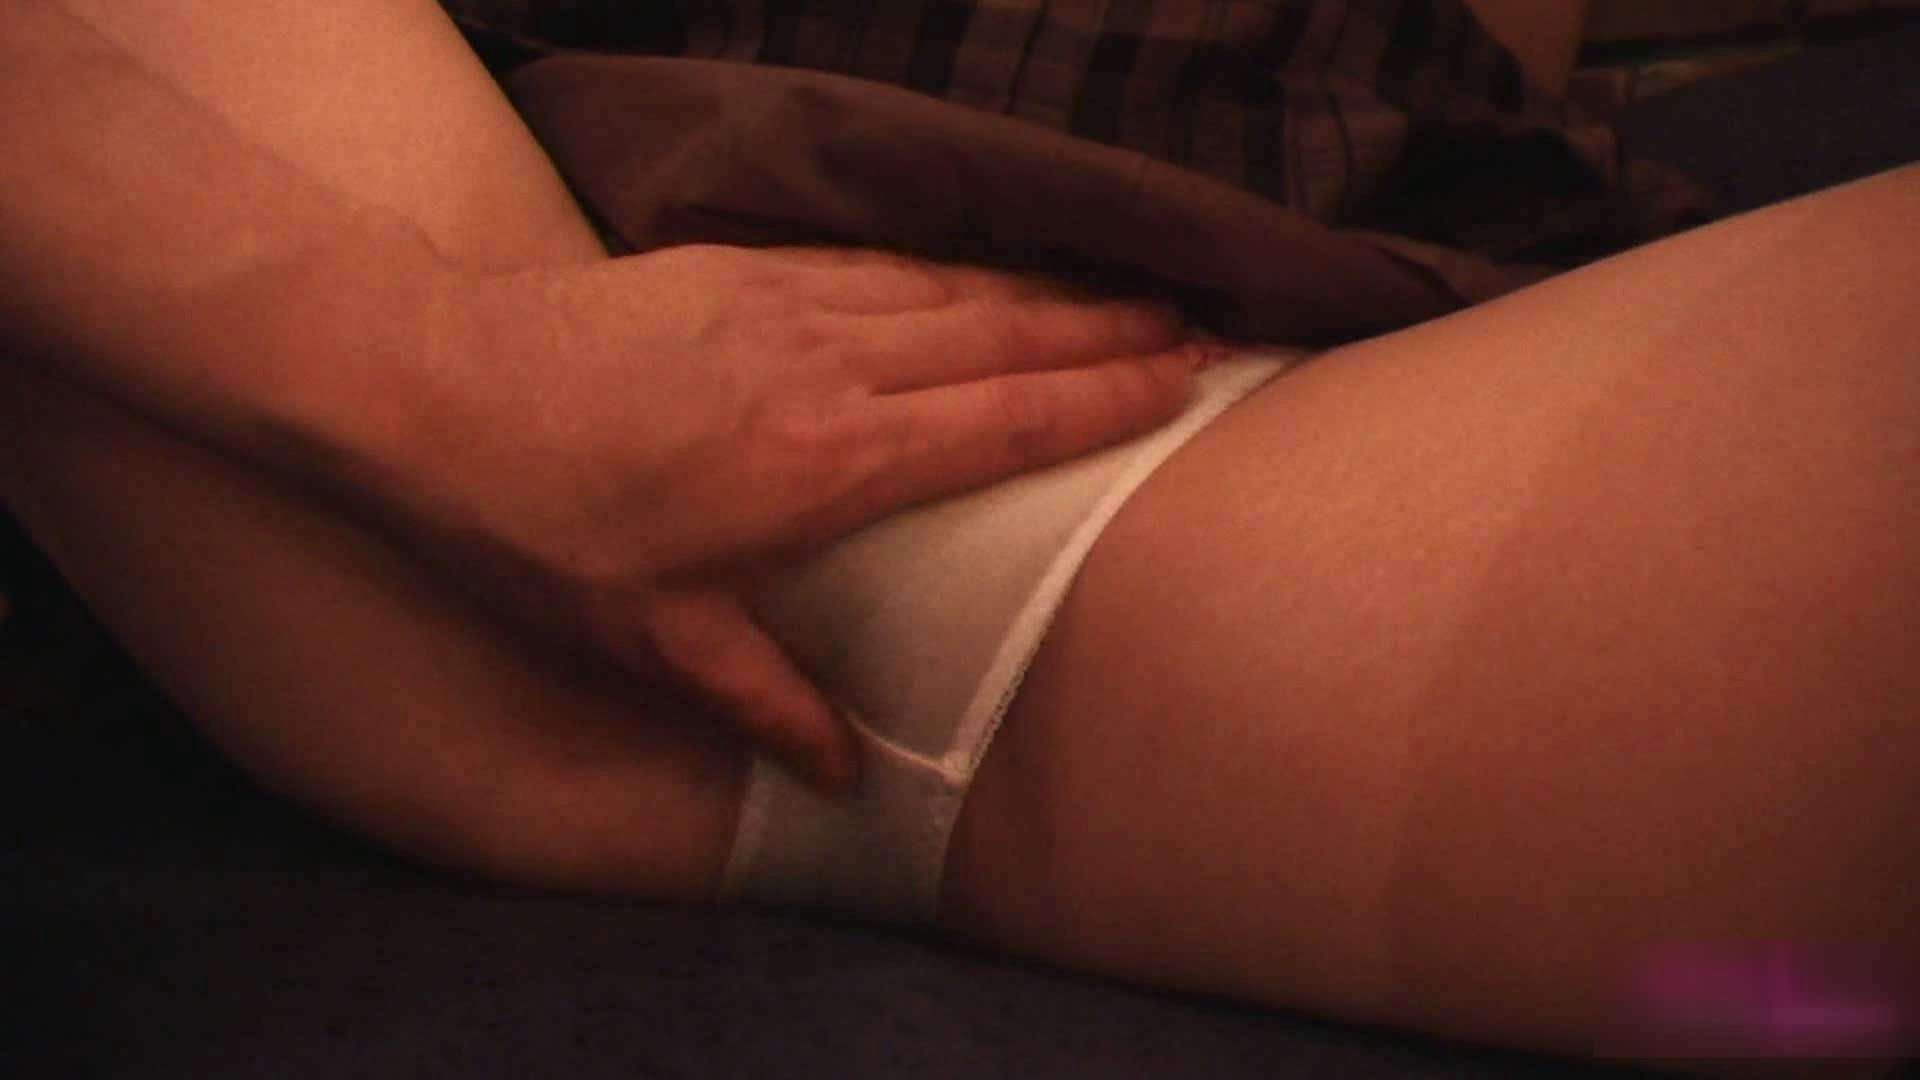 おしえてギャル子のH塾 Vol.13 前編 OLのボディ  61PIX 34